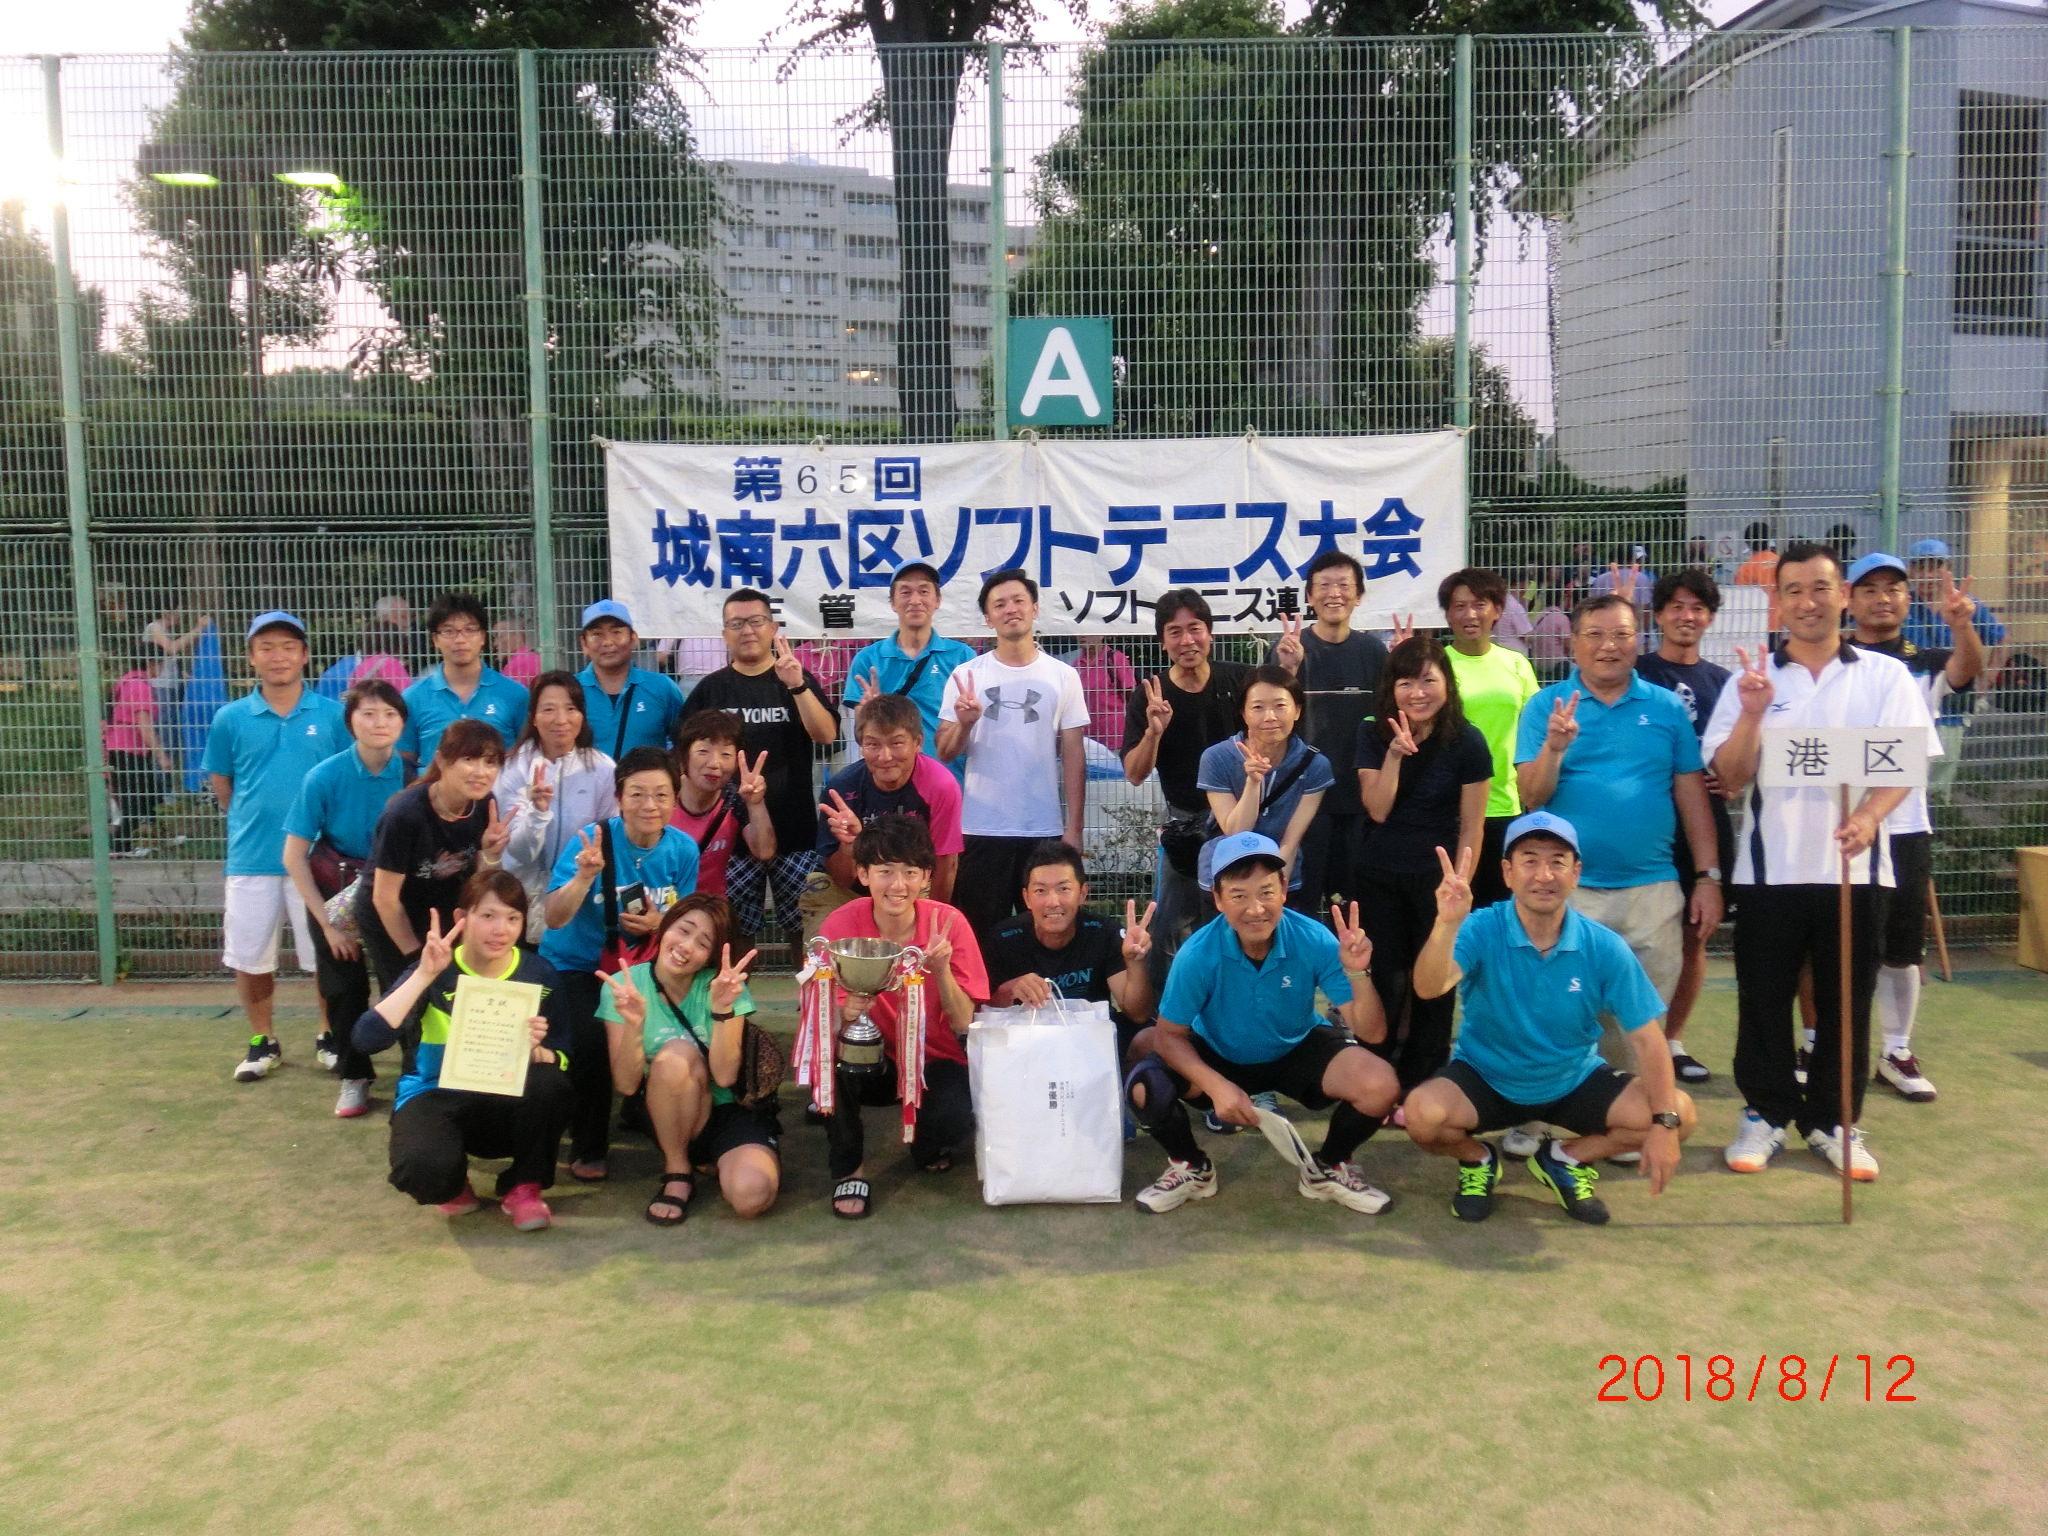 港区ソフトテニス連盟